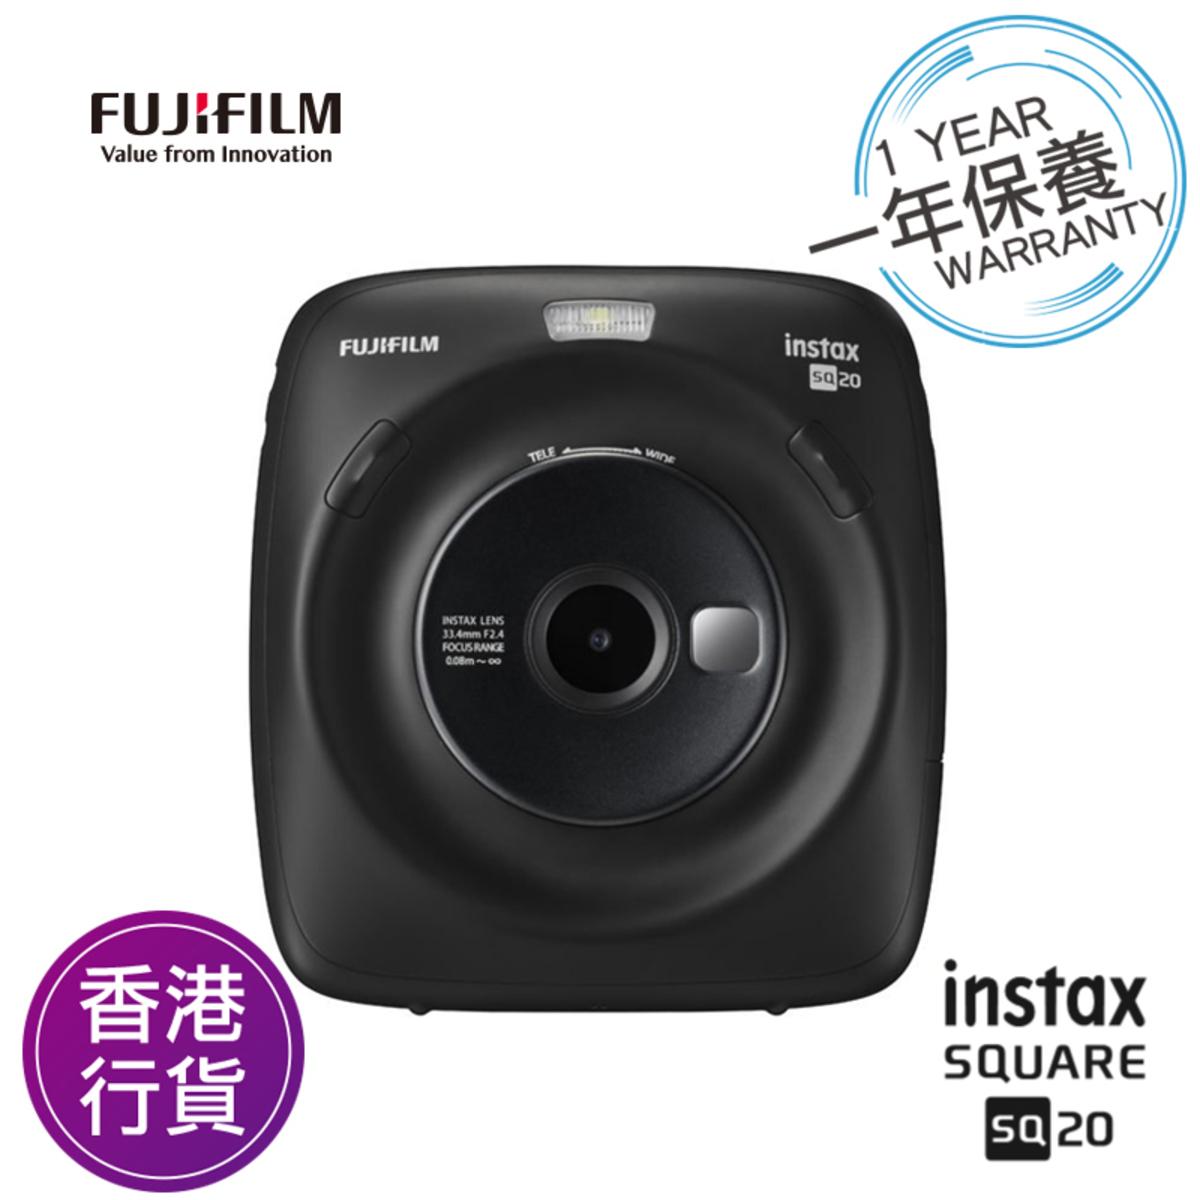 香港行貨一年保養 Instax Square SQ20 即影即有相機 黑色